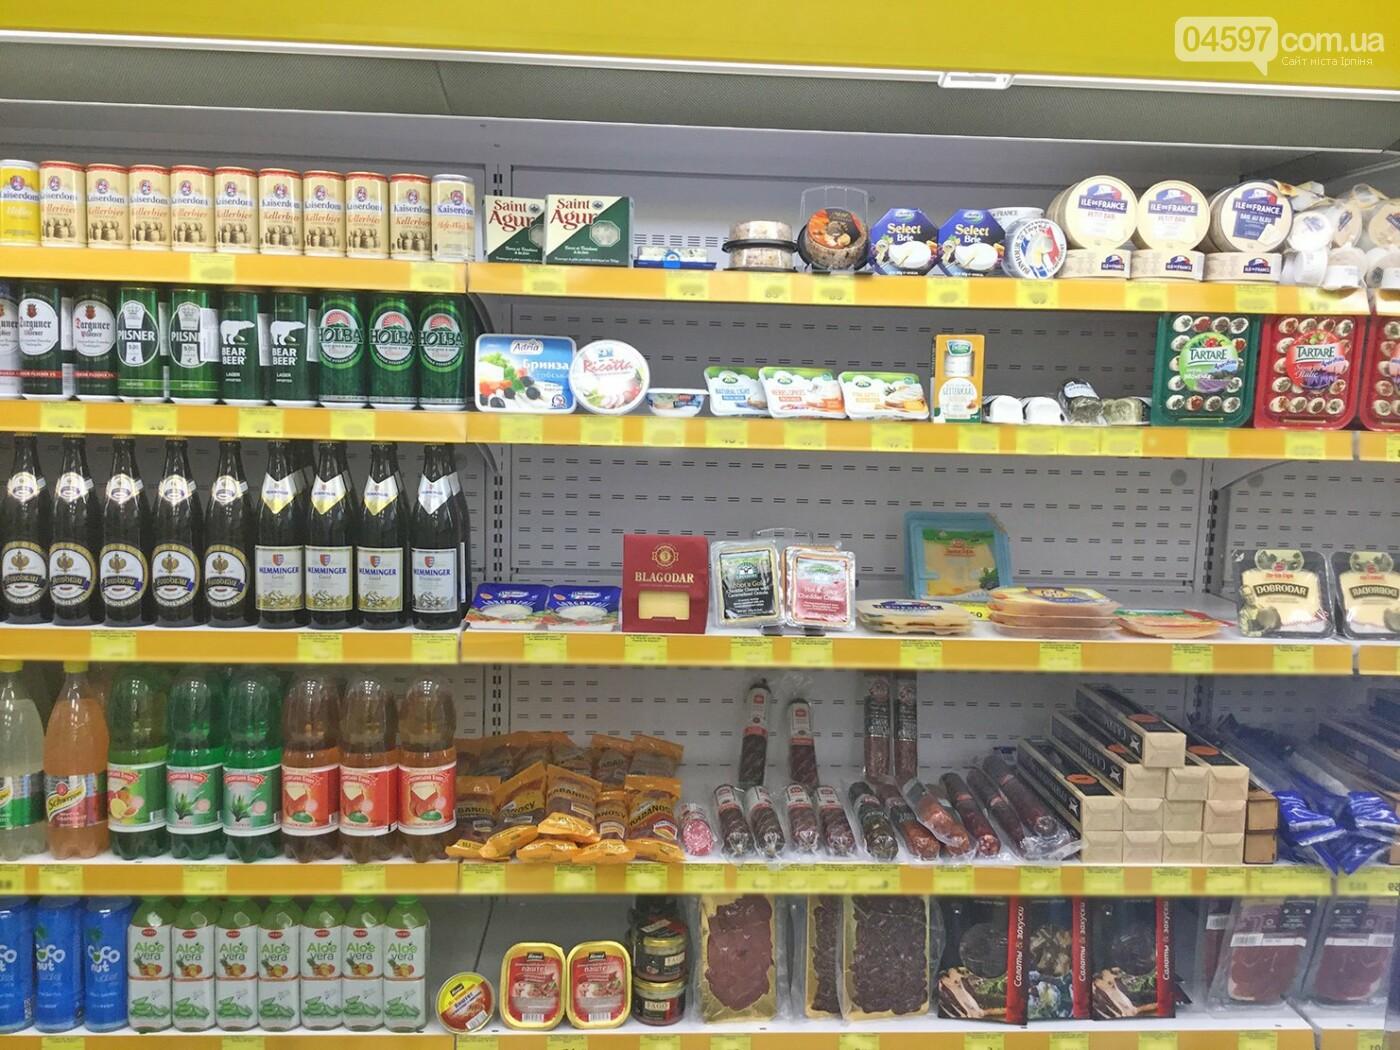 Фірмова крамниця «Вина світу» в Ірпені задовольнить смаки найвибагливіших гурманів!, фото-6